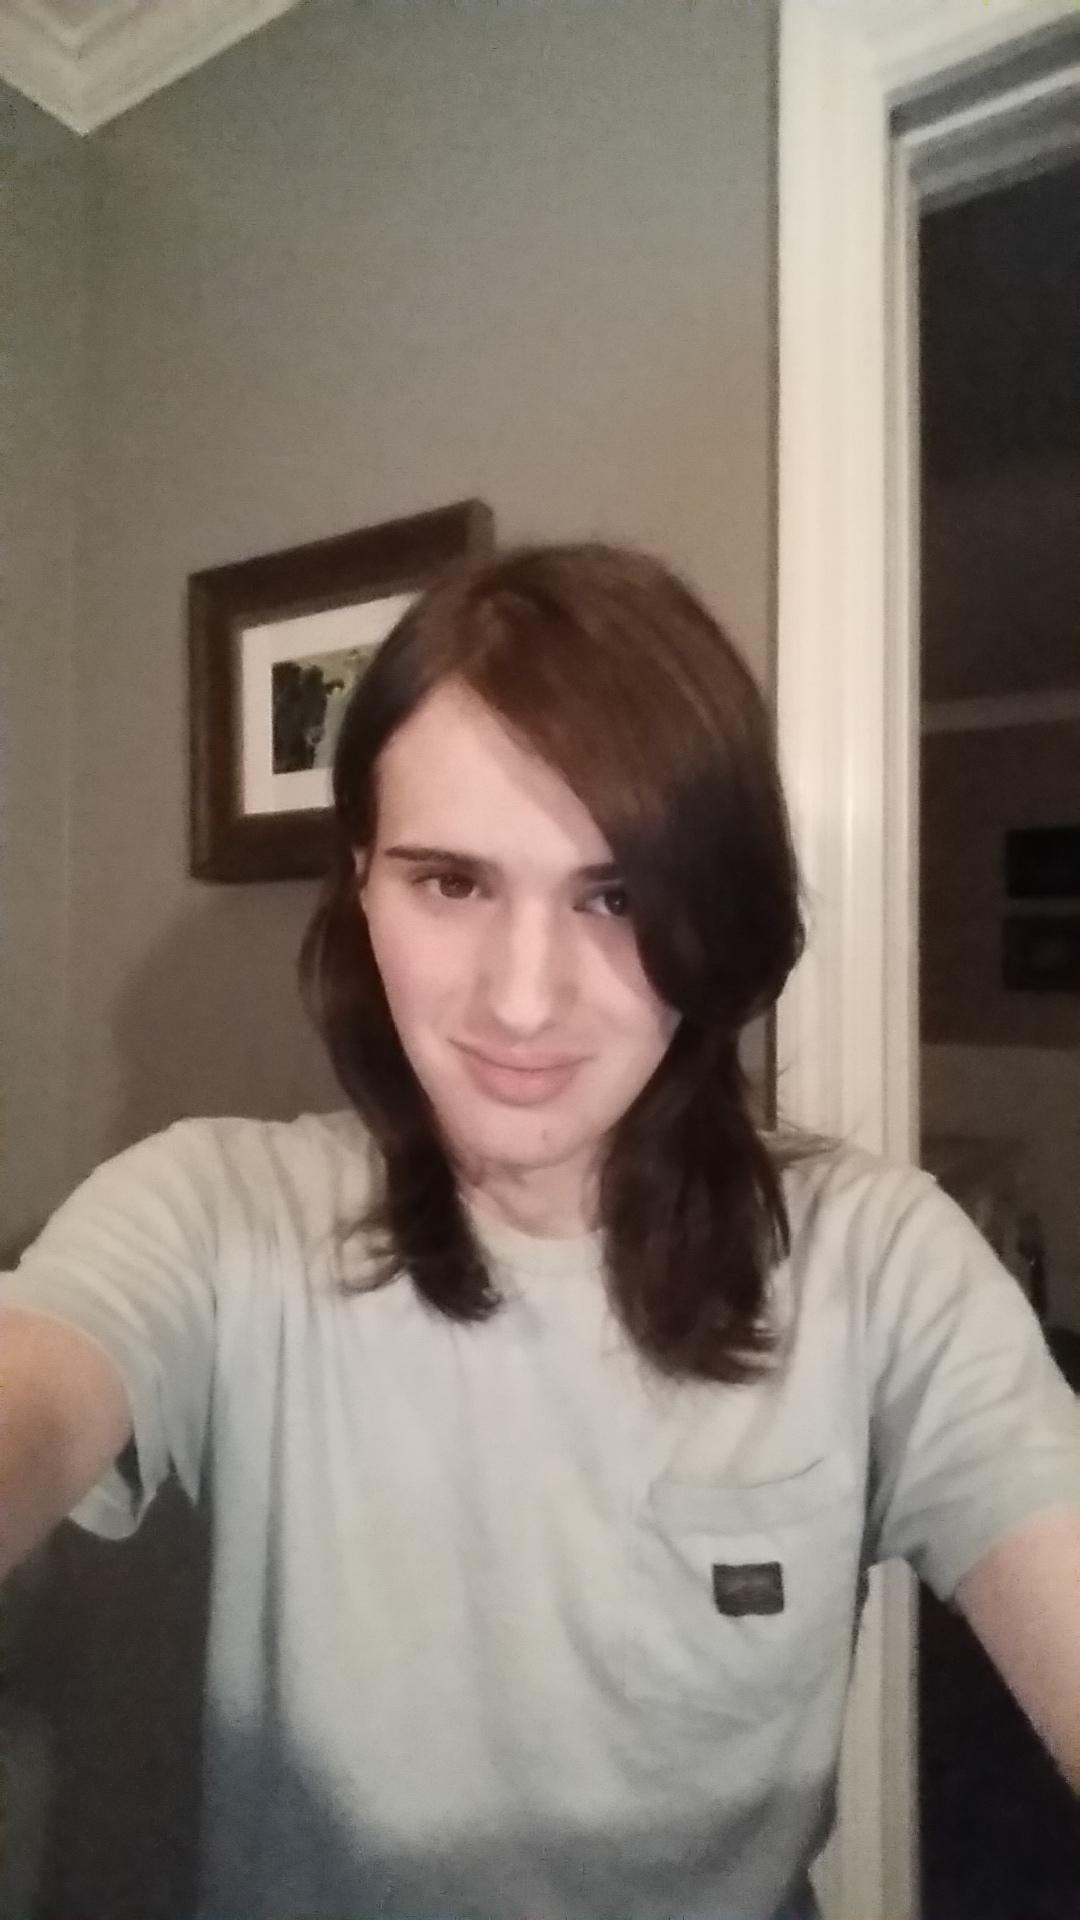 跨性別女性分享「注射荷爾蒙17個月」每個月的轉變照,到第17個月美到可當明星!